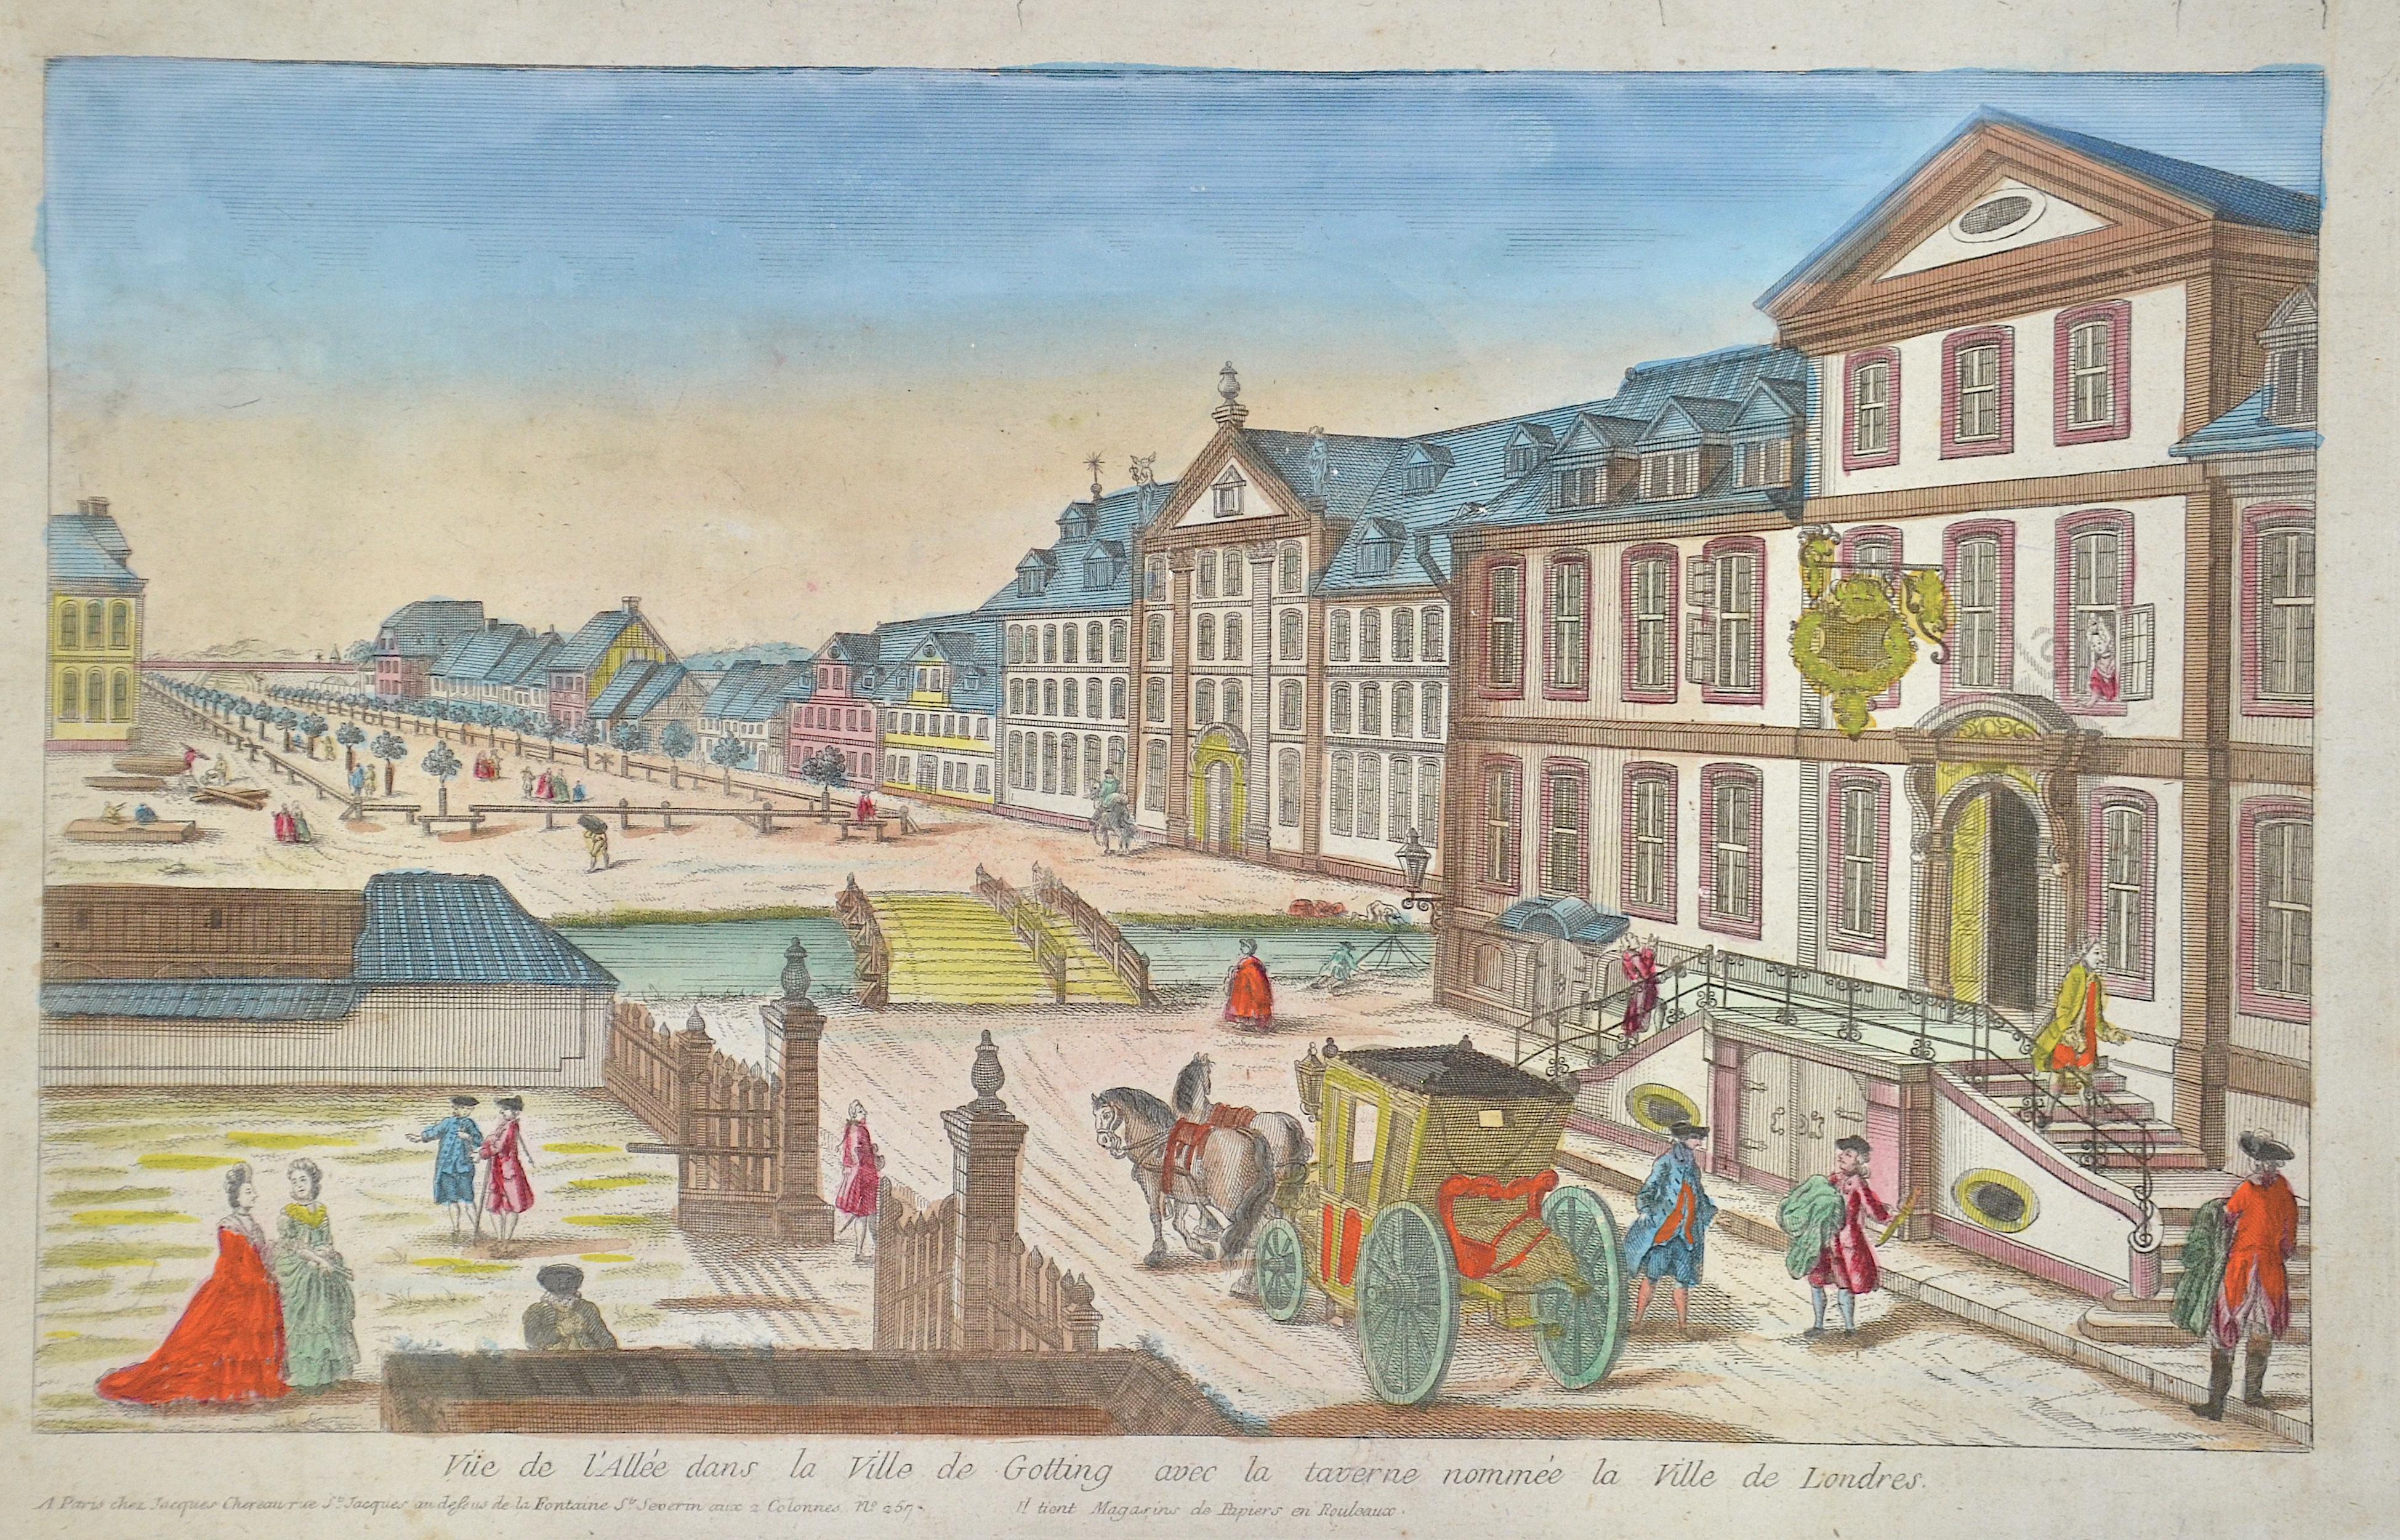 Chereau Jacques Vue de l'Allée dans la Ville de Gotting avec la taverne nommèe la Ville de Londres.